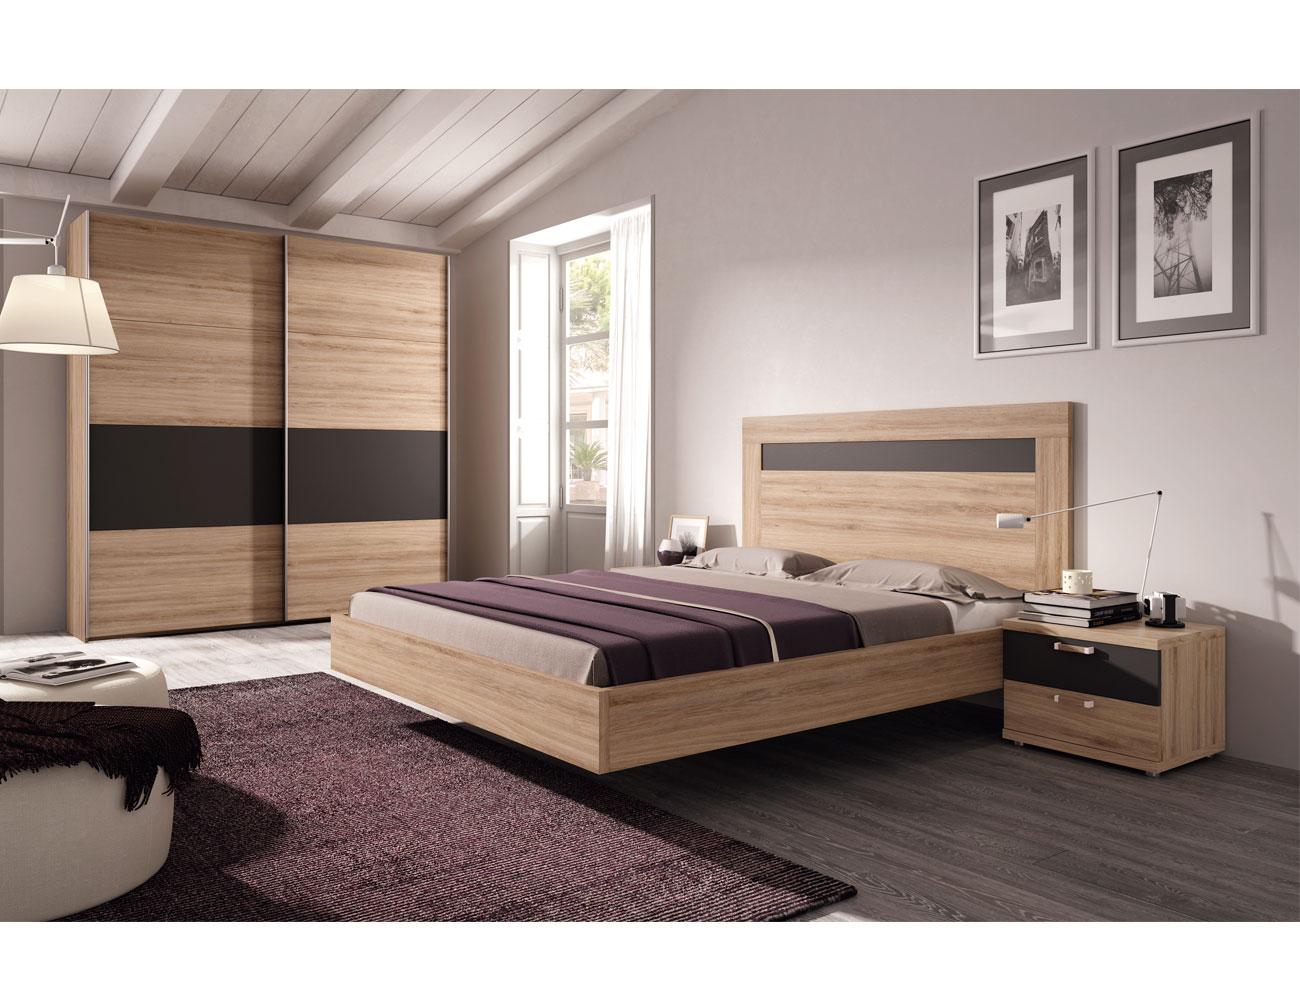 462 dormitorio matrimonio  roble antracita armario1